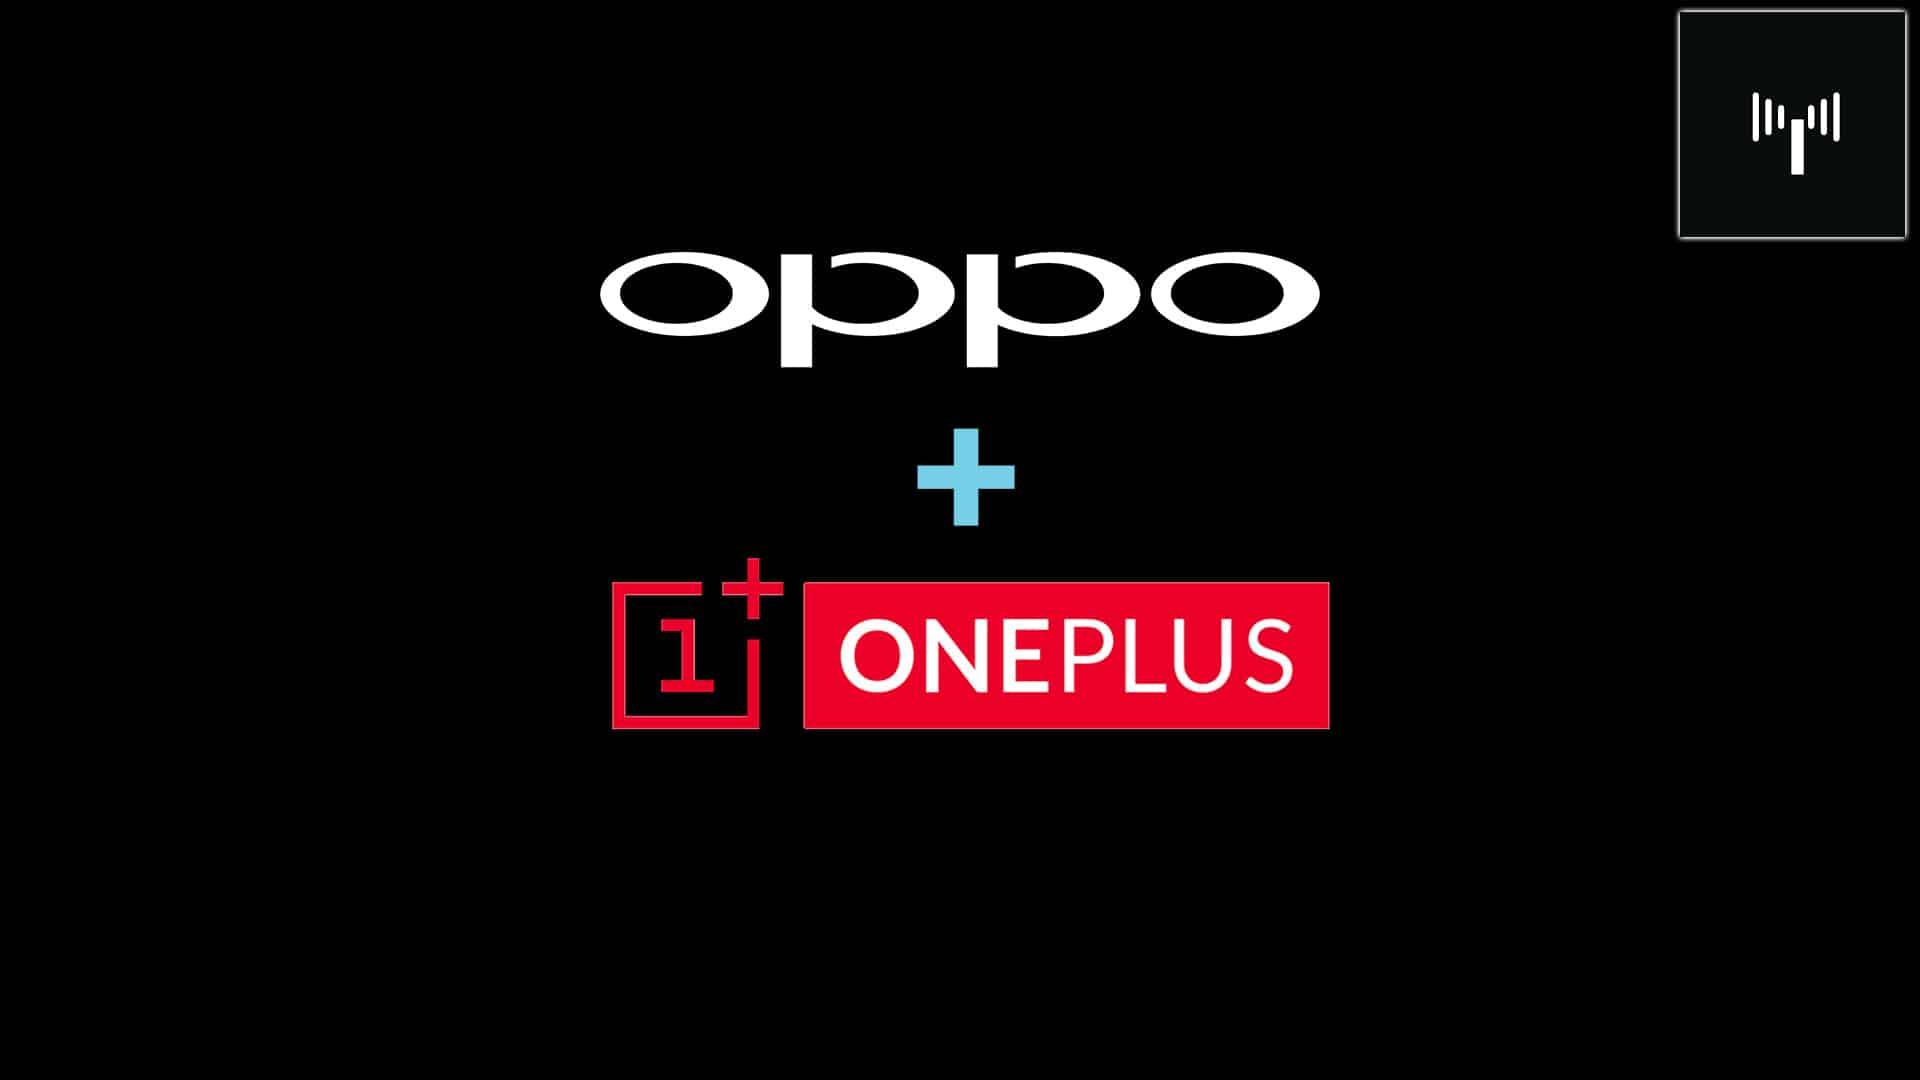 De ce brandurile de smartphone-uri OnePlus si Oppo ar putea fuziona